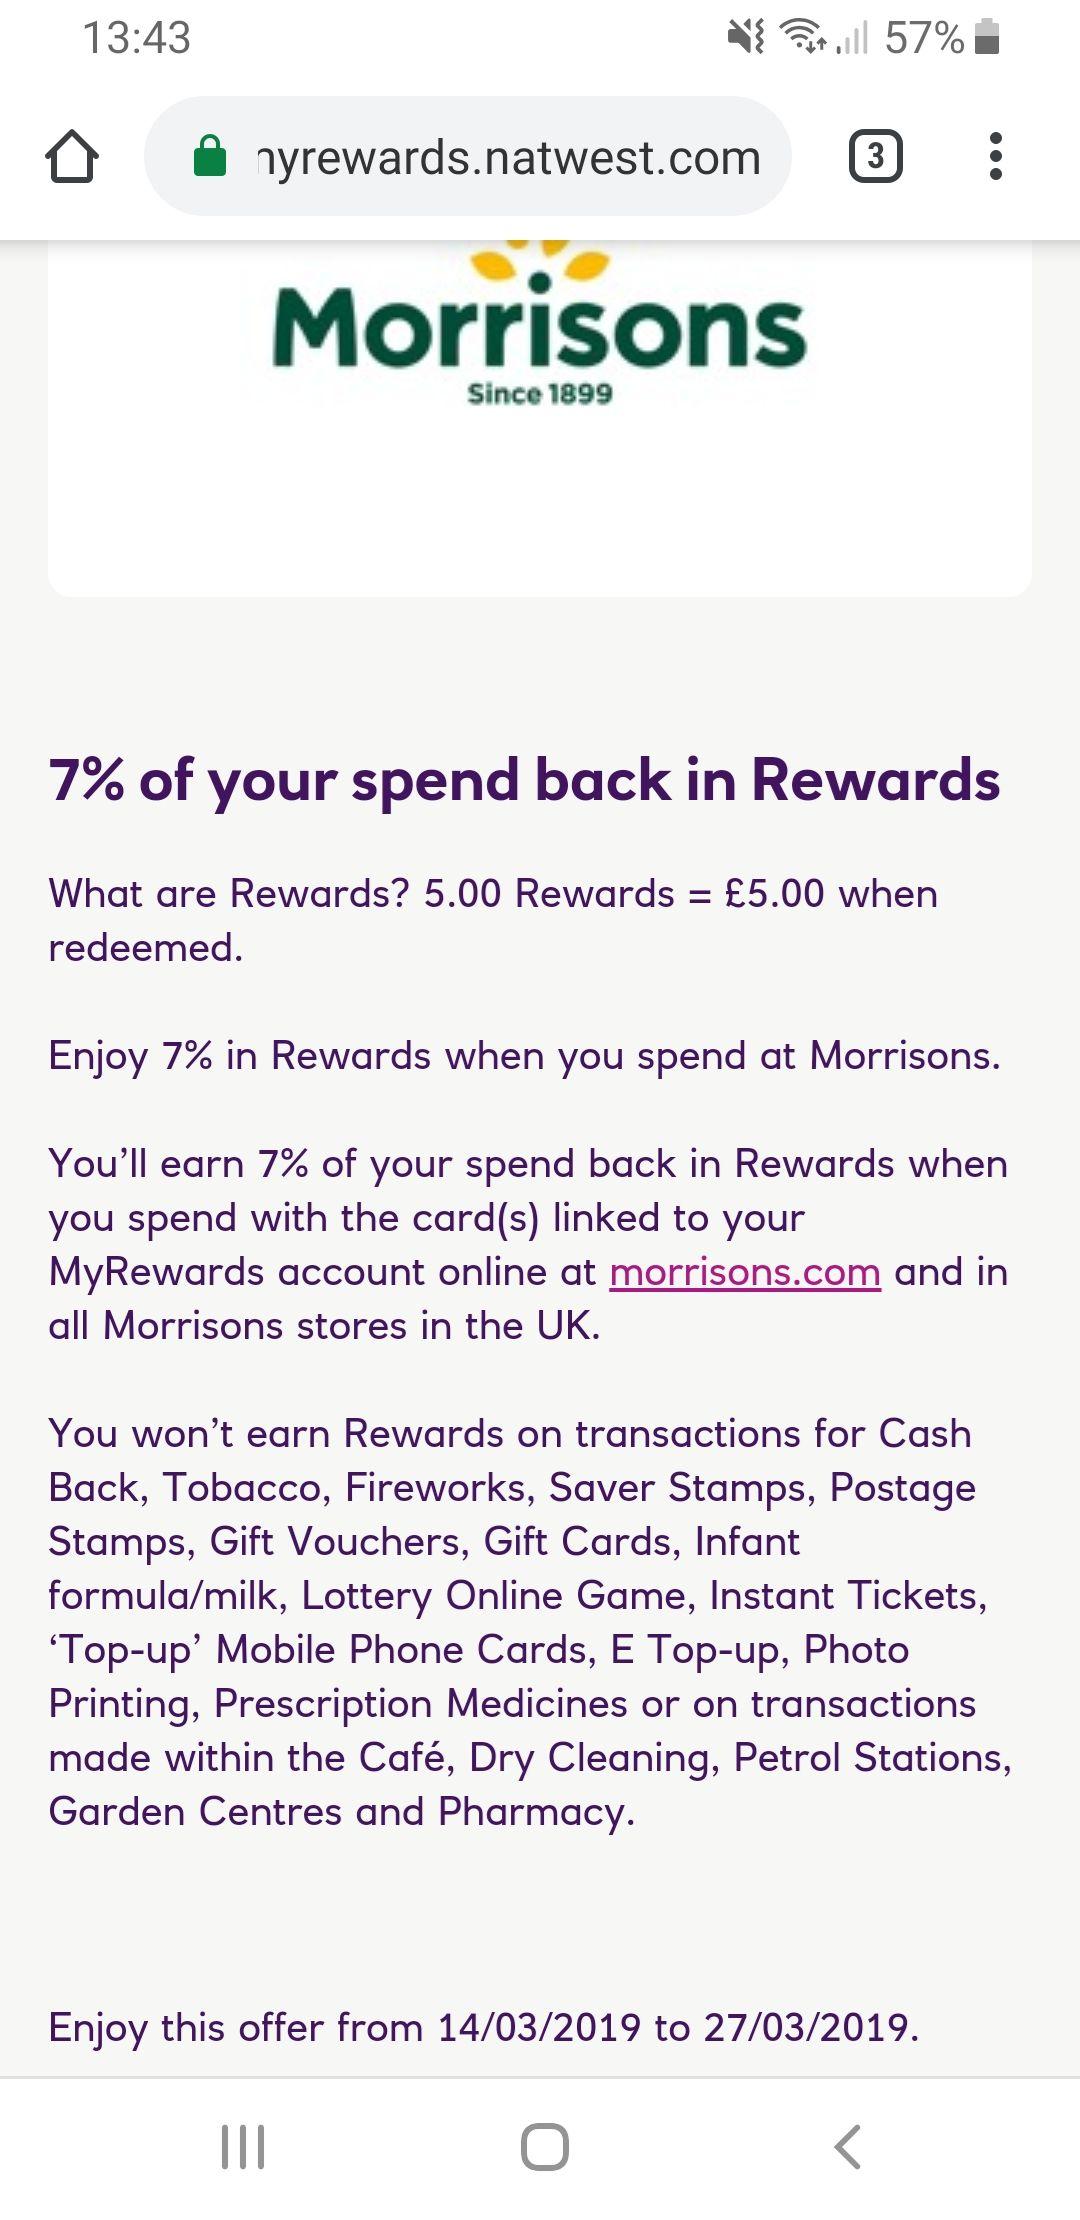 7% cashback at Morrisons through NatWest rewards scheme